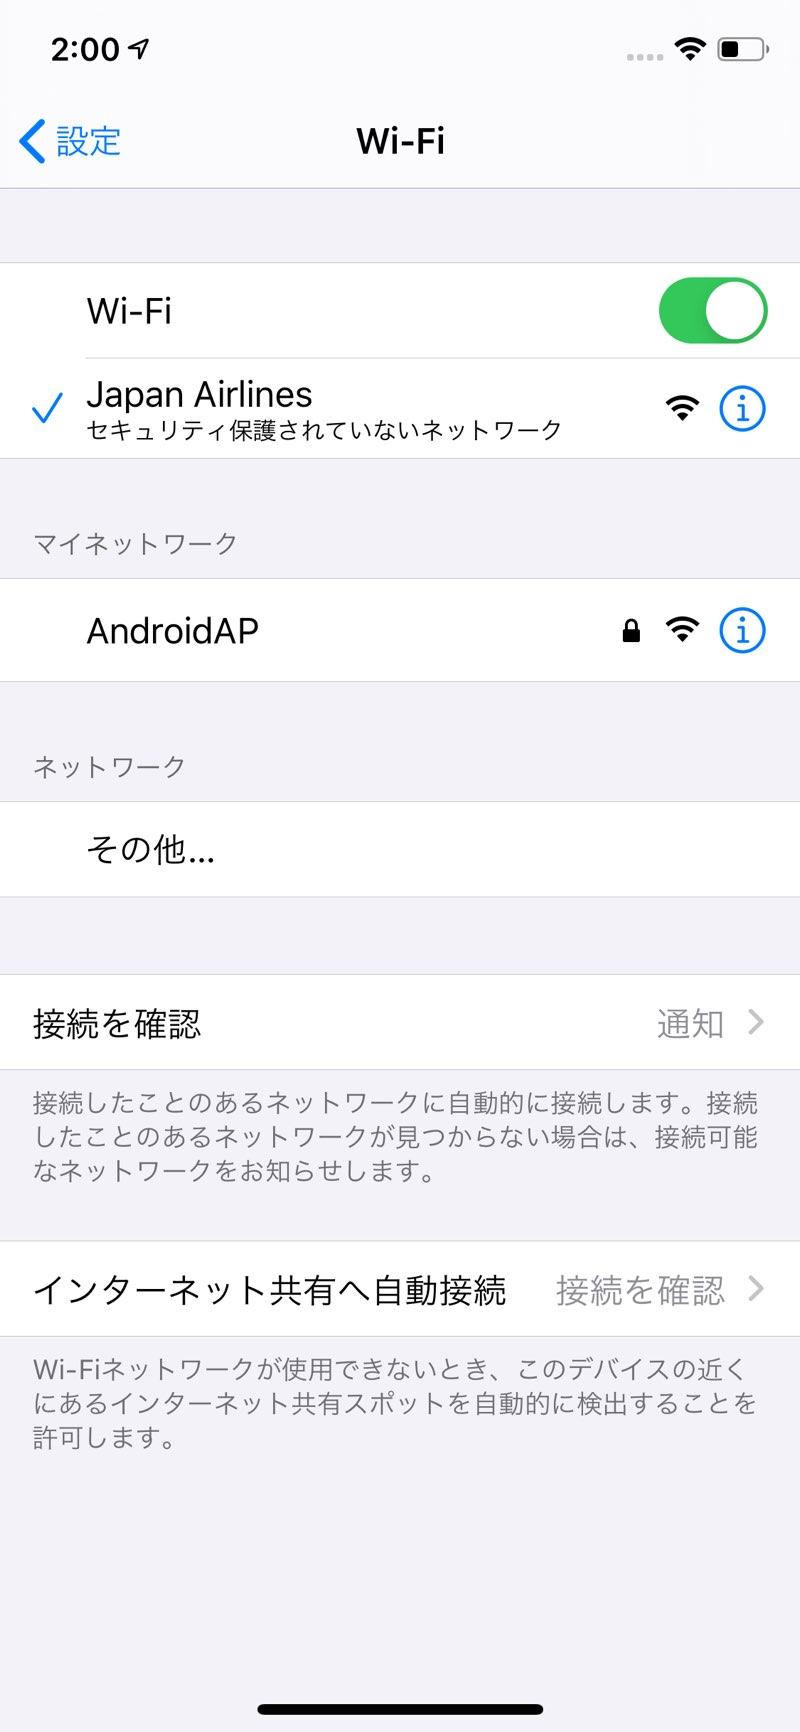 JALのWi-Fi